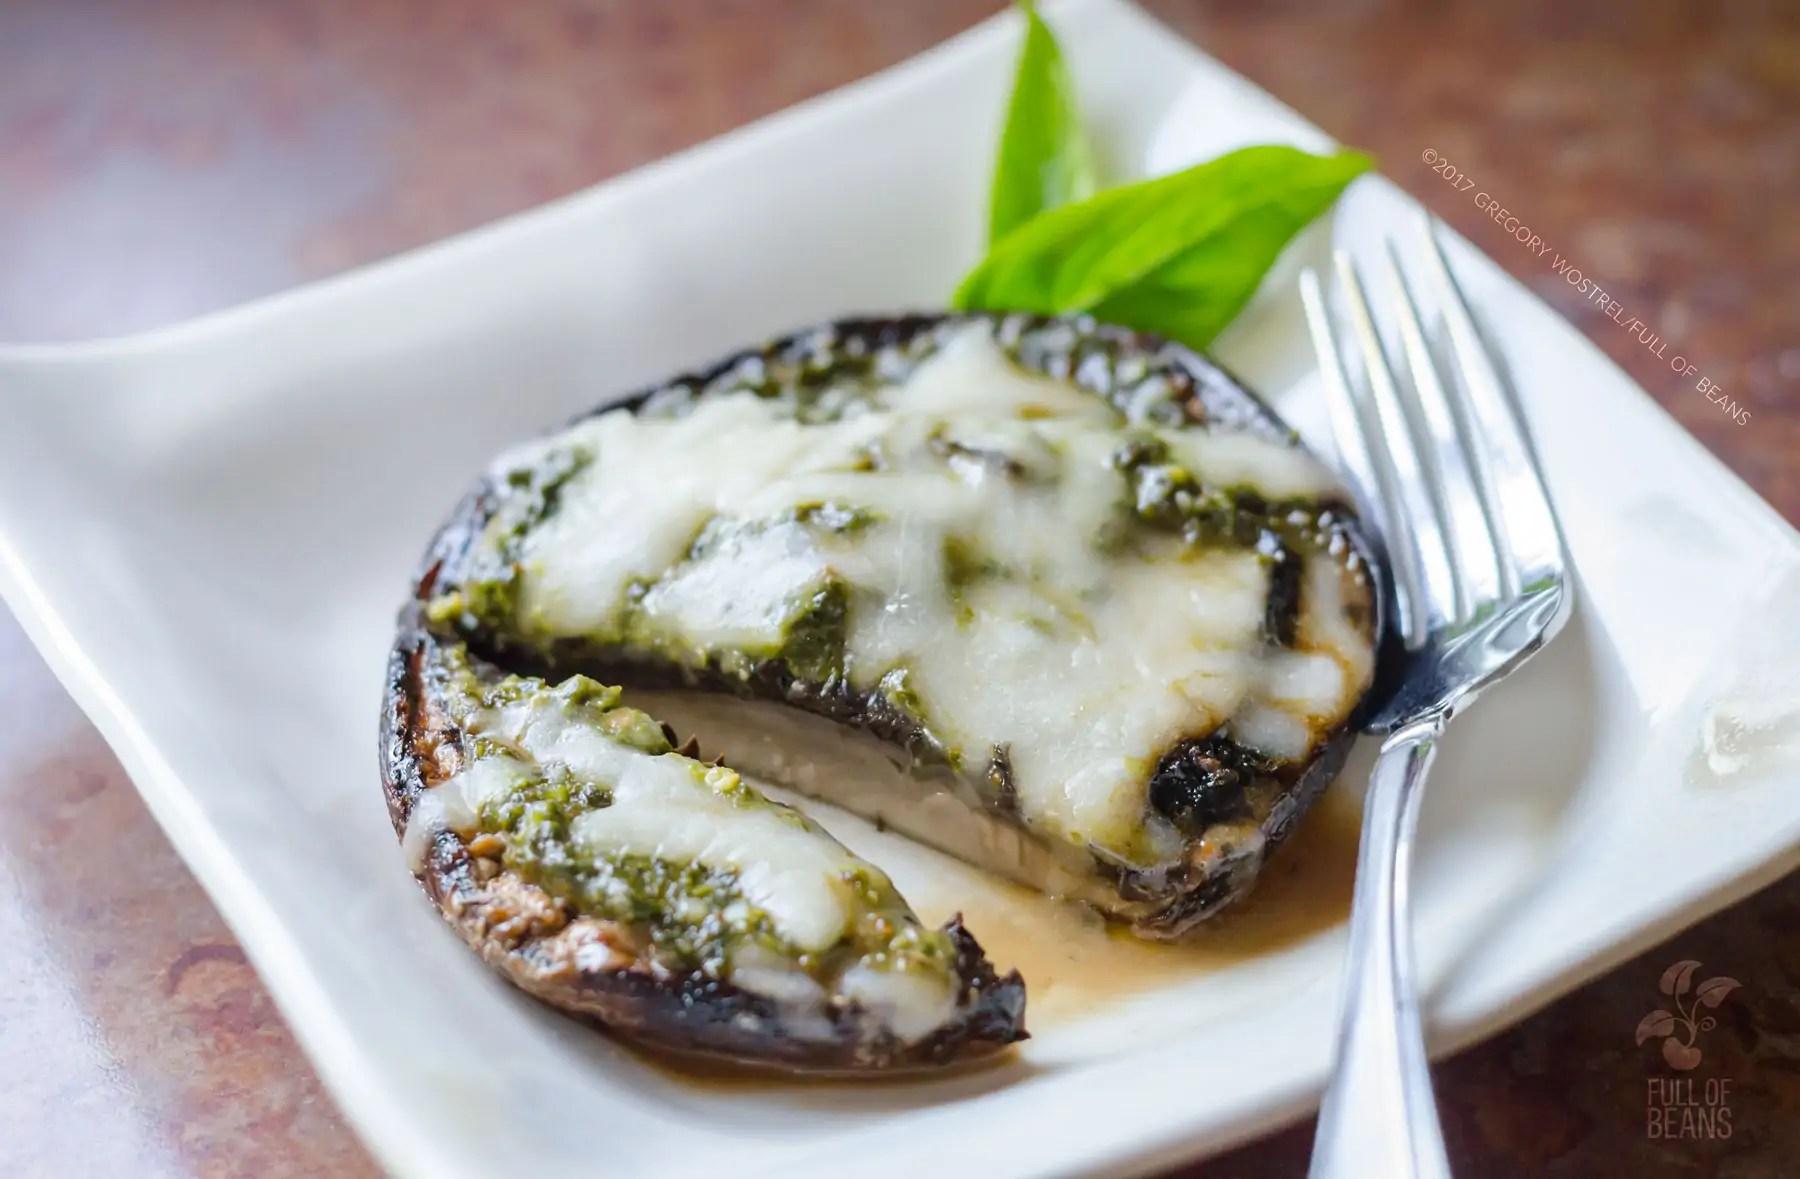 Vegan Pesto Stuffed Mushroom Cap